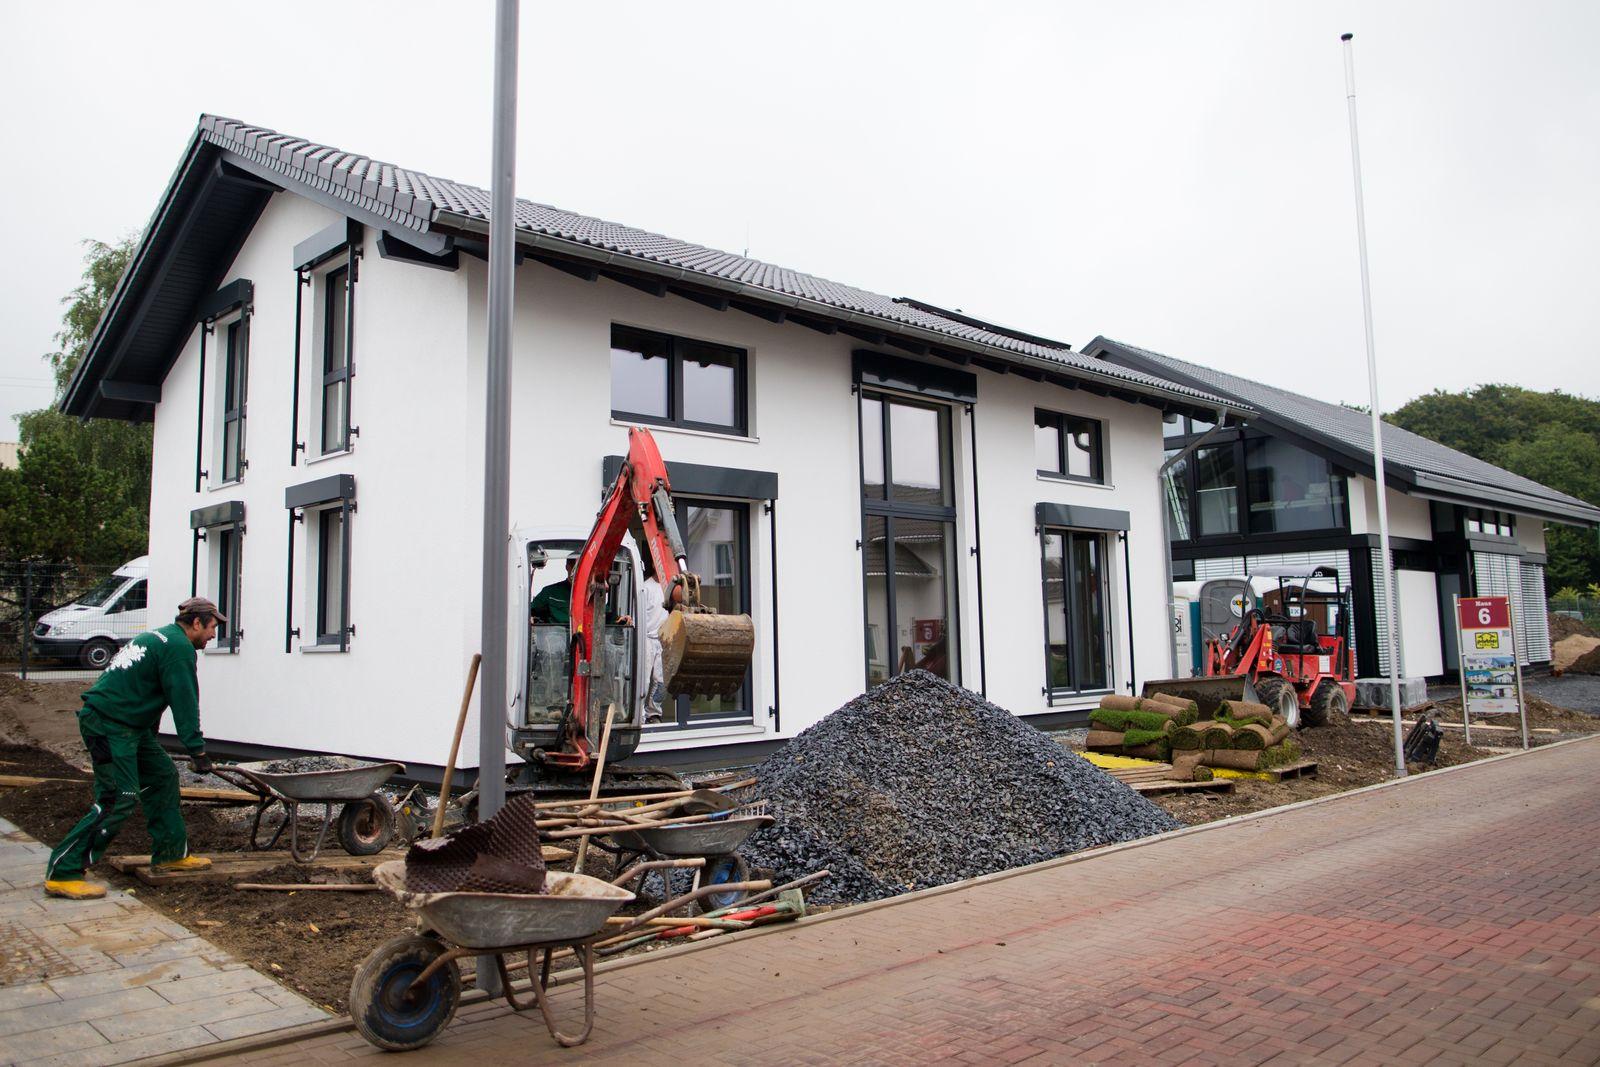 Bauspar / Bausparen / Fertighauswelt in Wuppertal